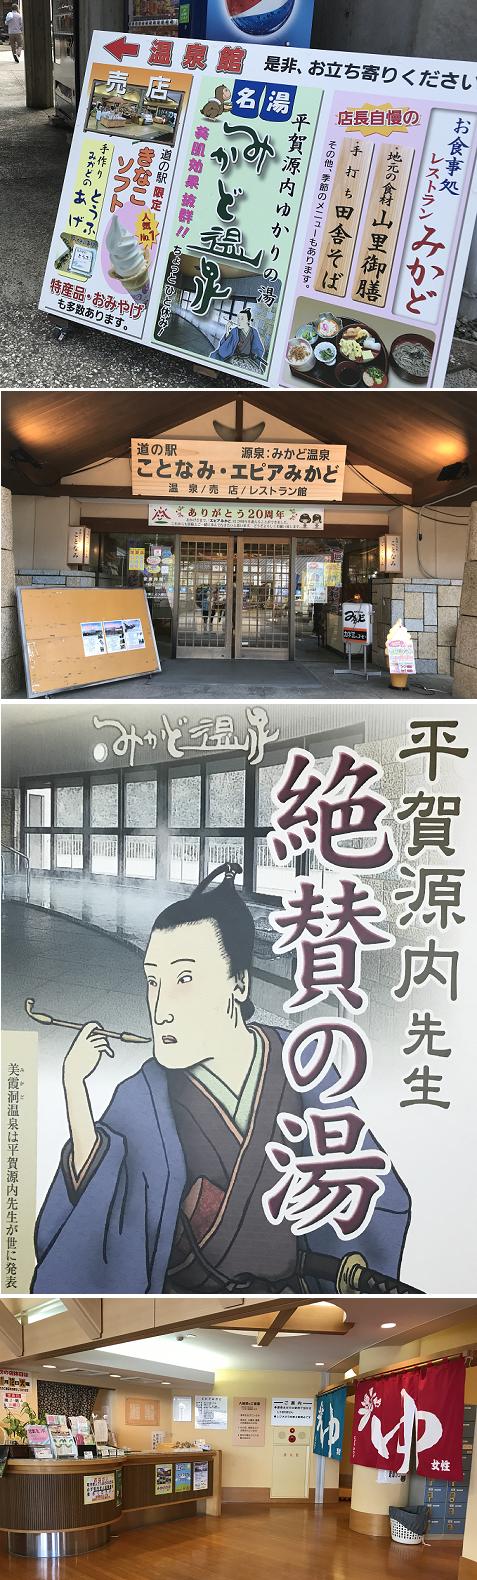 20191110みかど温泉1